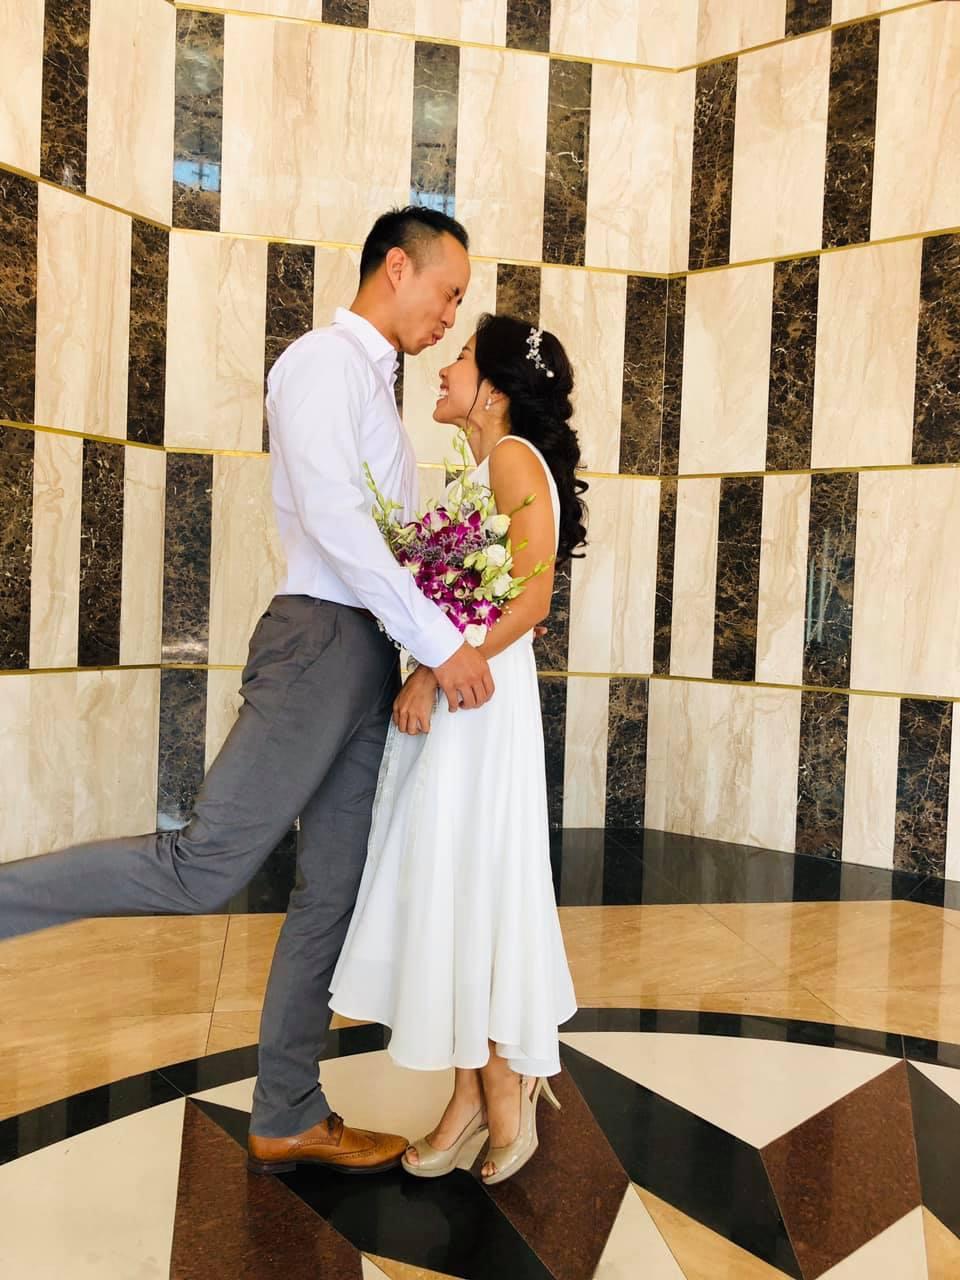 """My Lan Nguyễn - Cô gái có cuộc tình như mơ từ FB và sự """"đấu tranh"""" với phụ huynh để mặc váy cưới đuôi cá màu tím, đội sừng Unicorns trong hôn lễ của chính mình - Ảnh 3."""